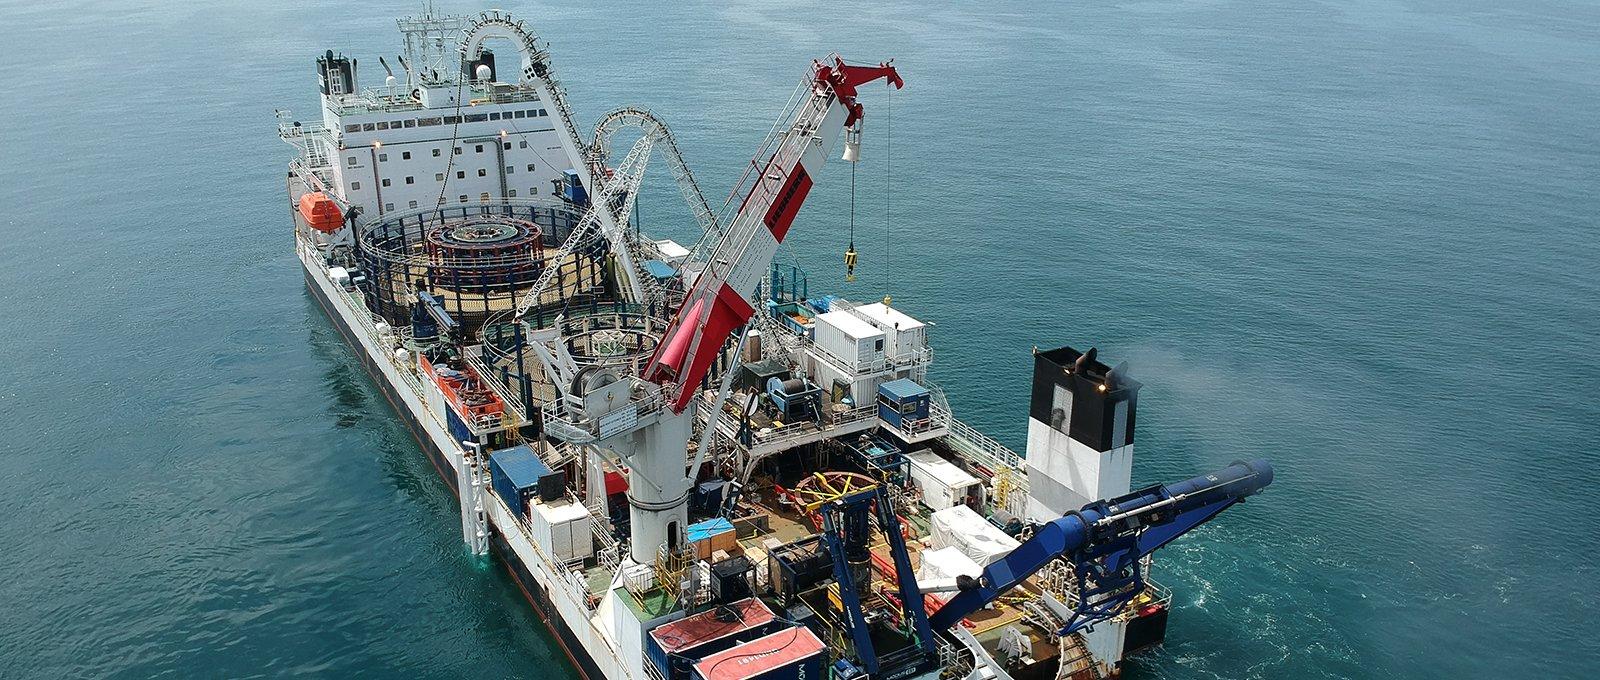 Prysmian completa con successo il progetto del parco eolico offshore DolWin3 in Germania